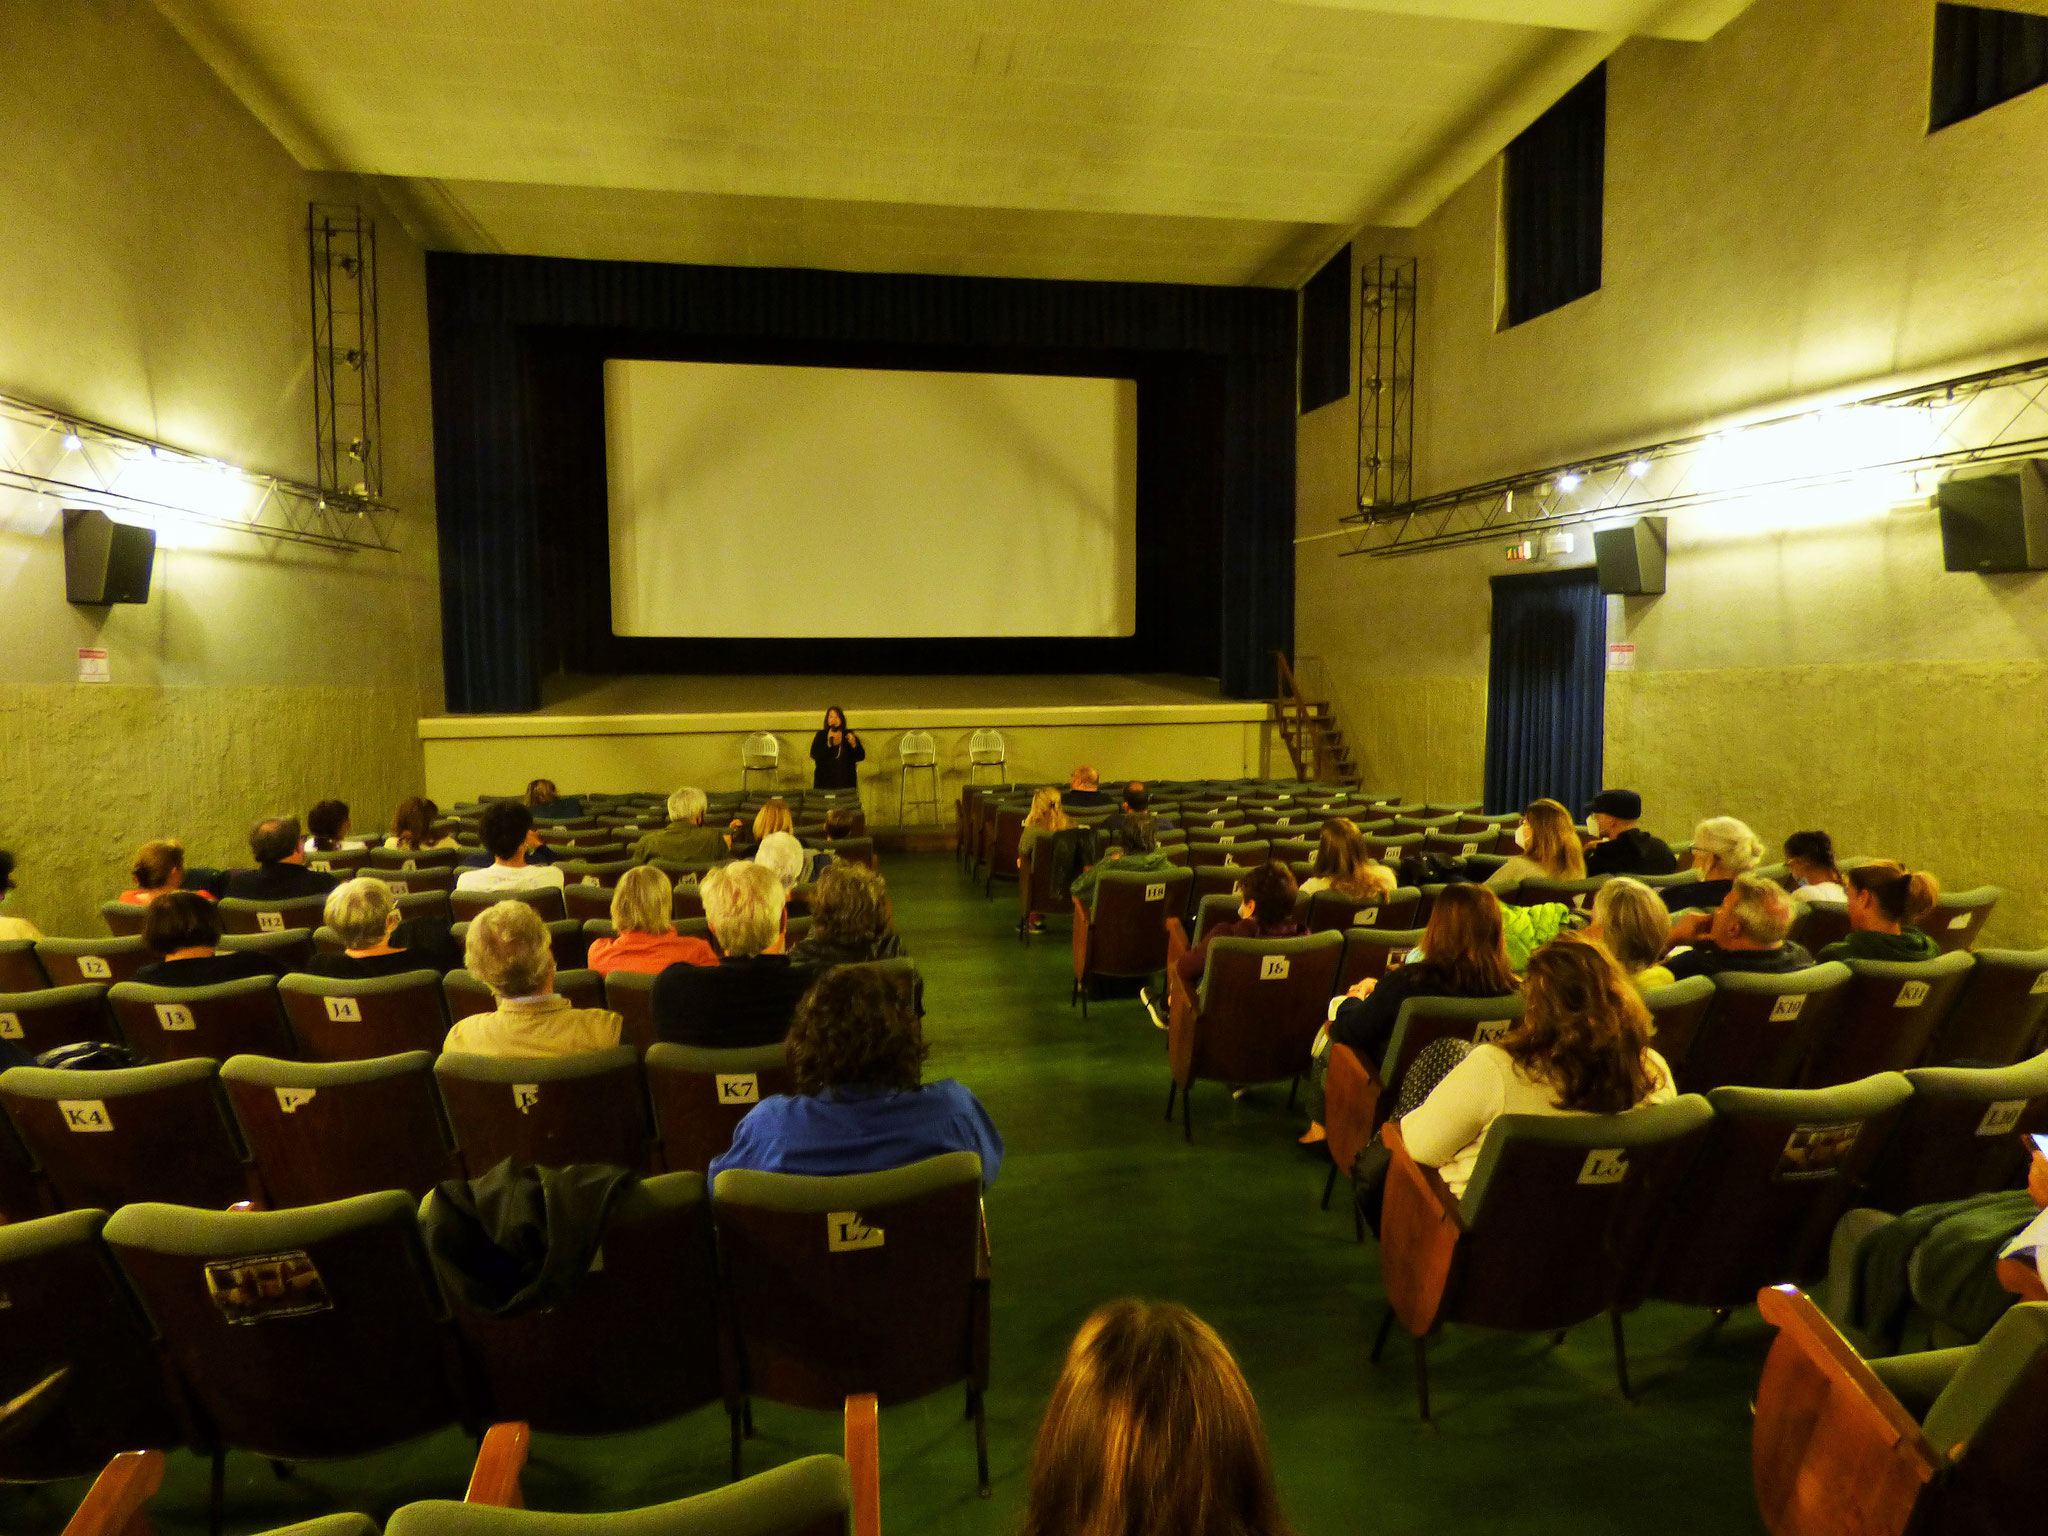 Cinema Le Grazie Bobbio FELLINI DEGLI SPIRITI Lunedì 31: ore 21:15 – serata evento con la partecipazione di Lella Ravasi Bellocchio #FelliniDegliSpiriti